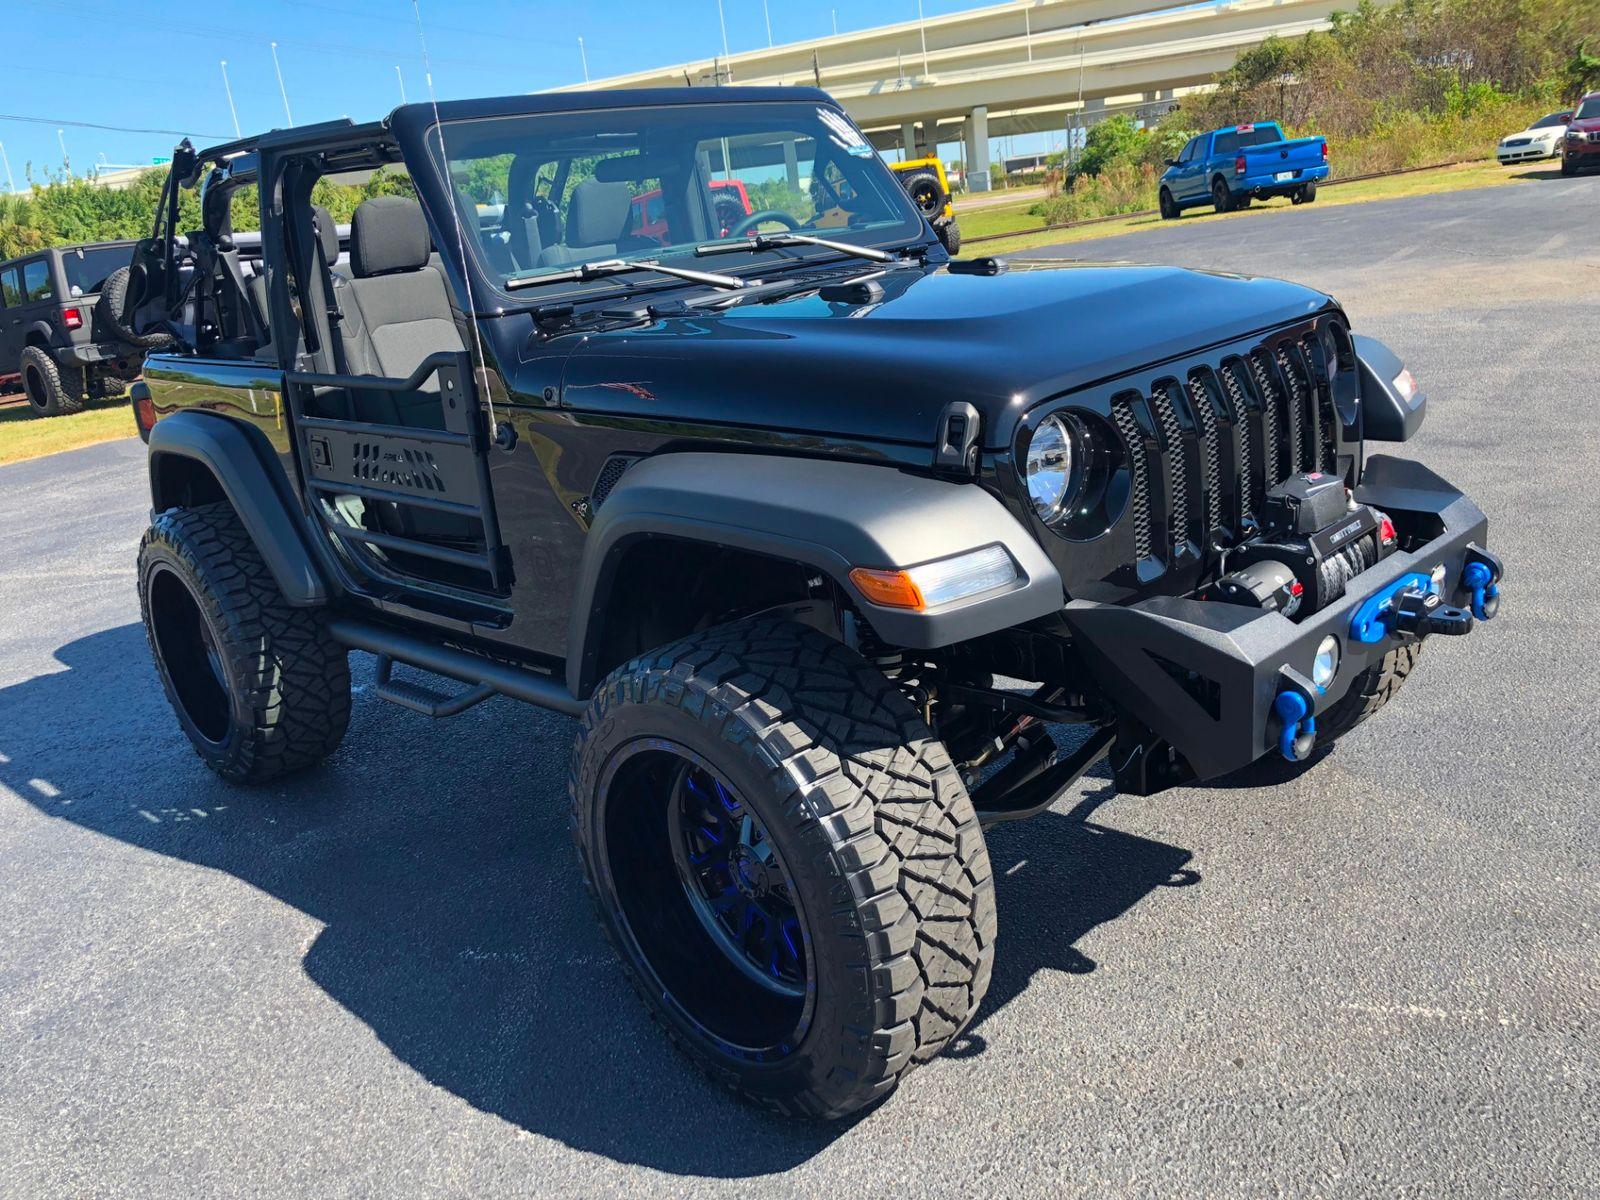 2018 Jeep All New Wrangler Custom Lifted Sport 2 Door Auto Fuel 35s Cap Ocd Florida